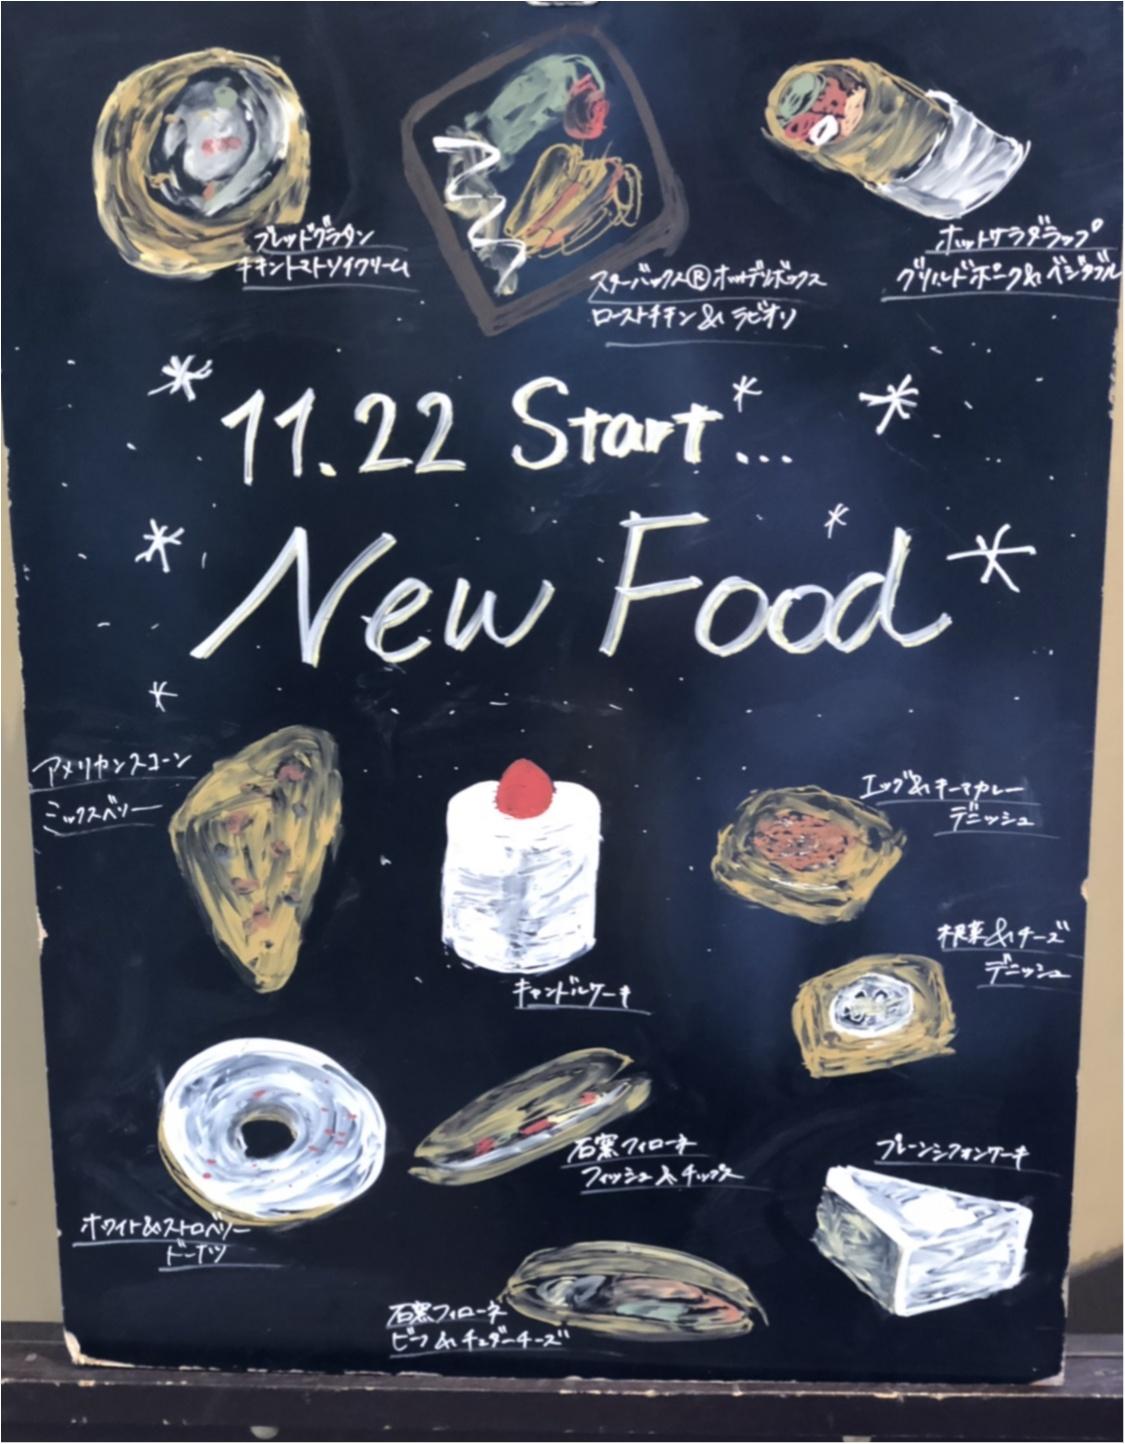 【スタバ】11/22スタート!《ホワイトチョコレートスノーフラペチーノ》ってどんな味?_4